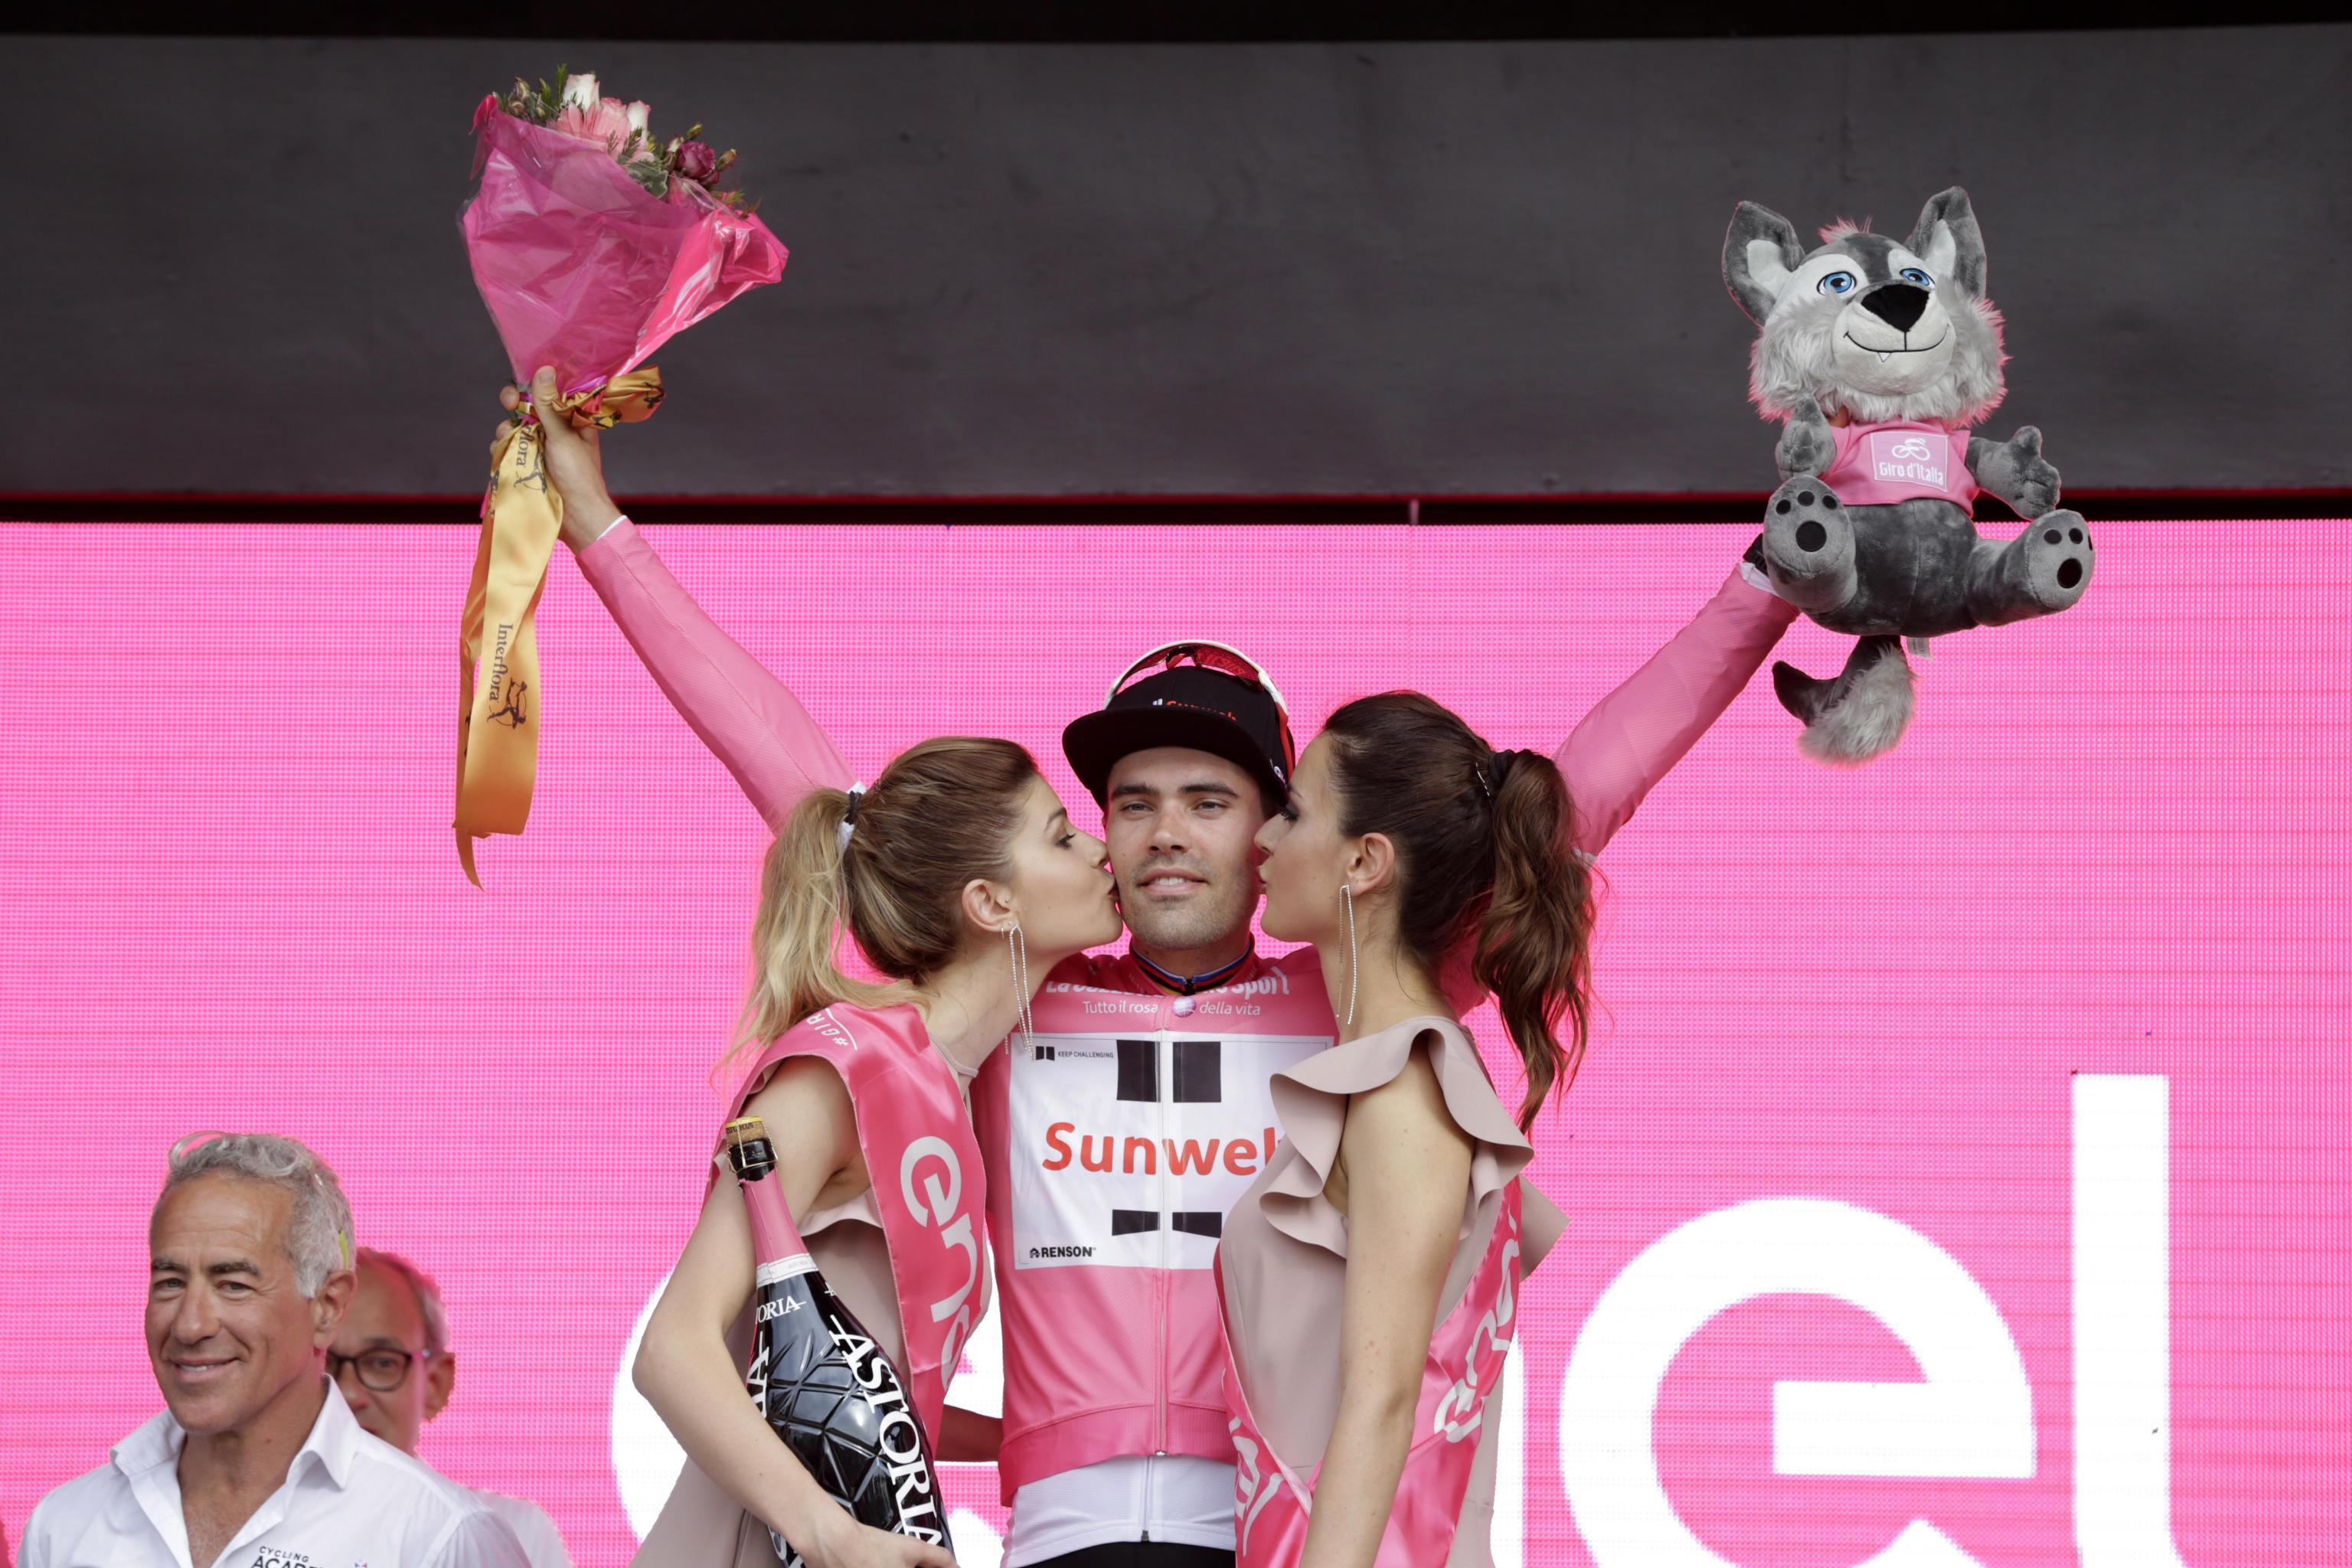 Giro d'Italia, Dumoulin vince la crono di Gerusalemme: è la prima maglia rosa